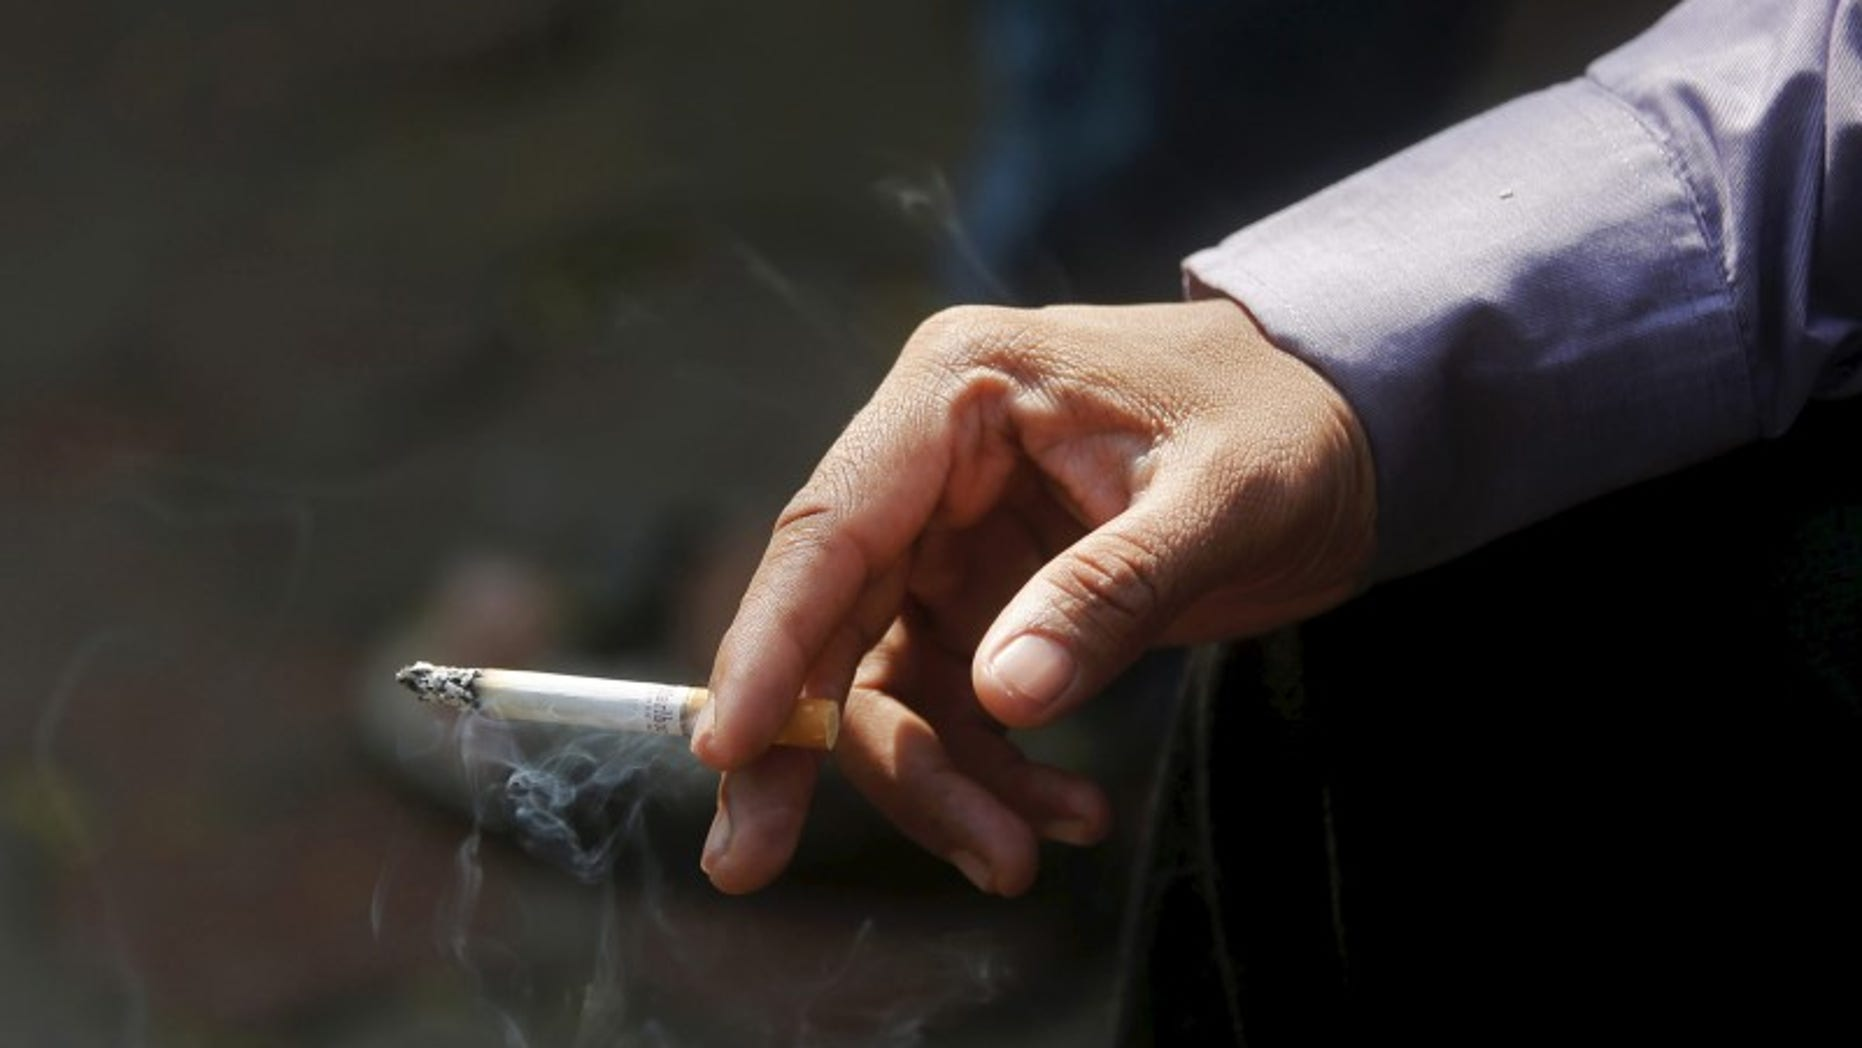 A man smokes a cigarette along a road in Mumbai, India